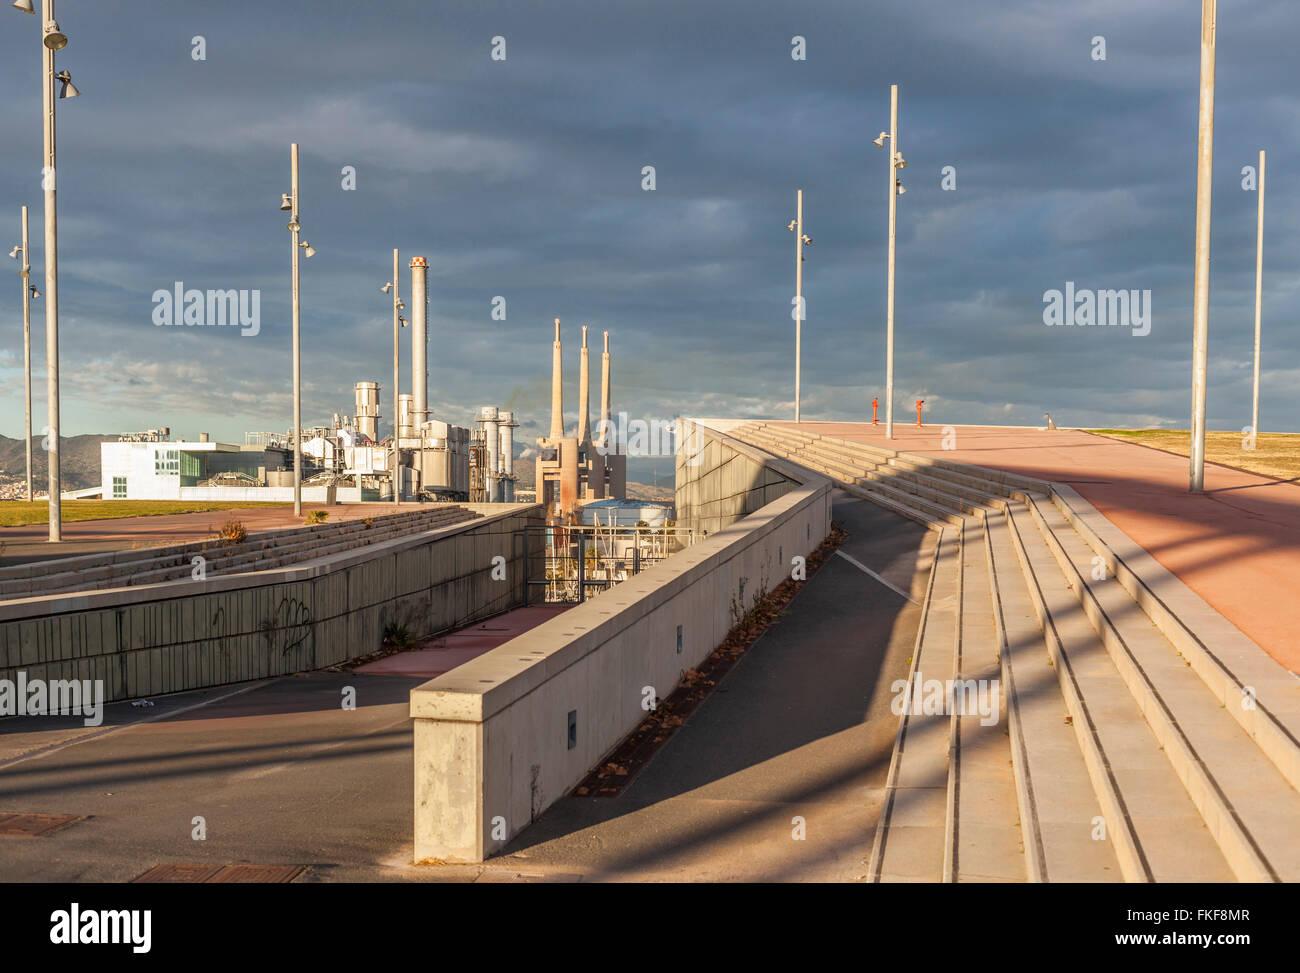 Parc del Forum di Barcellona. Foto Stock